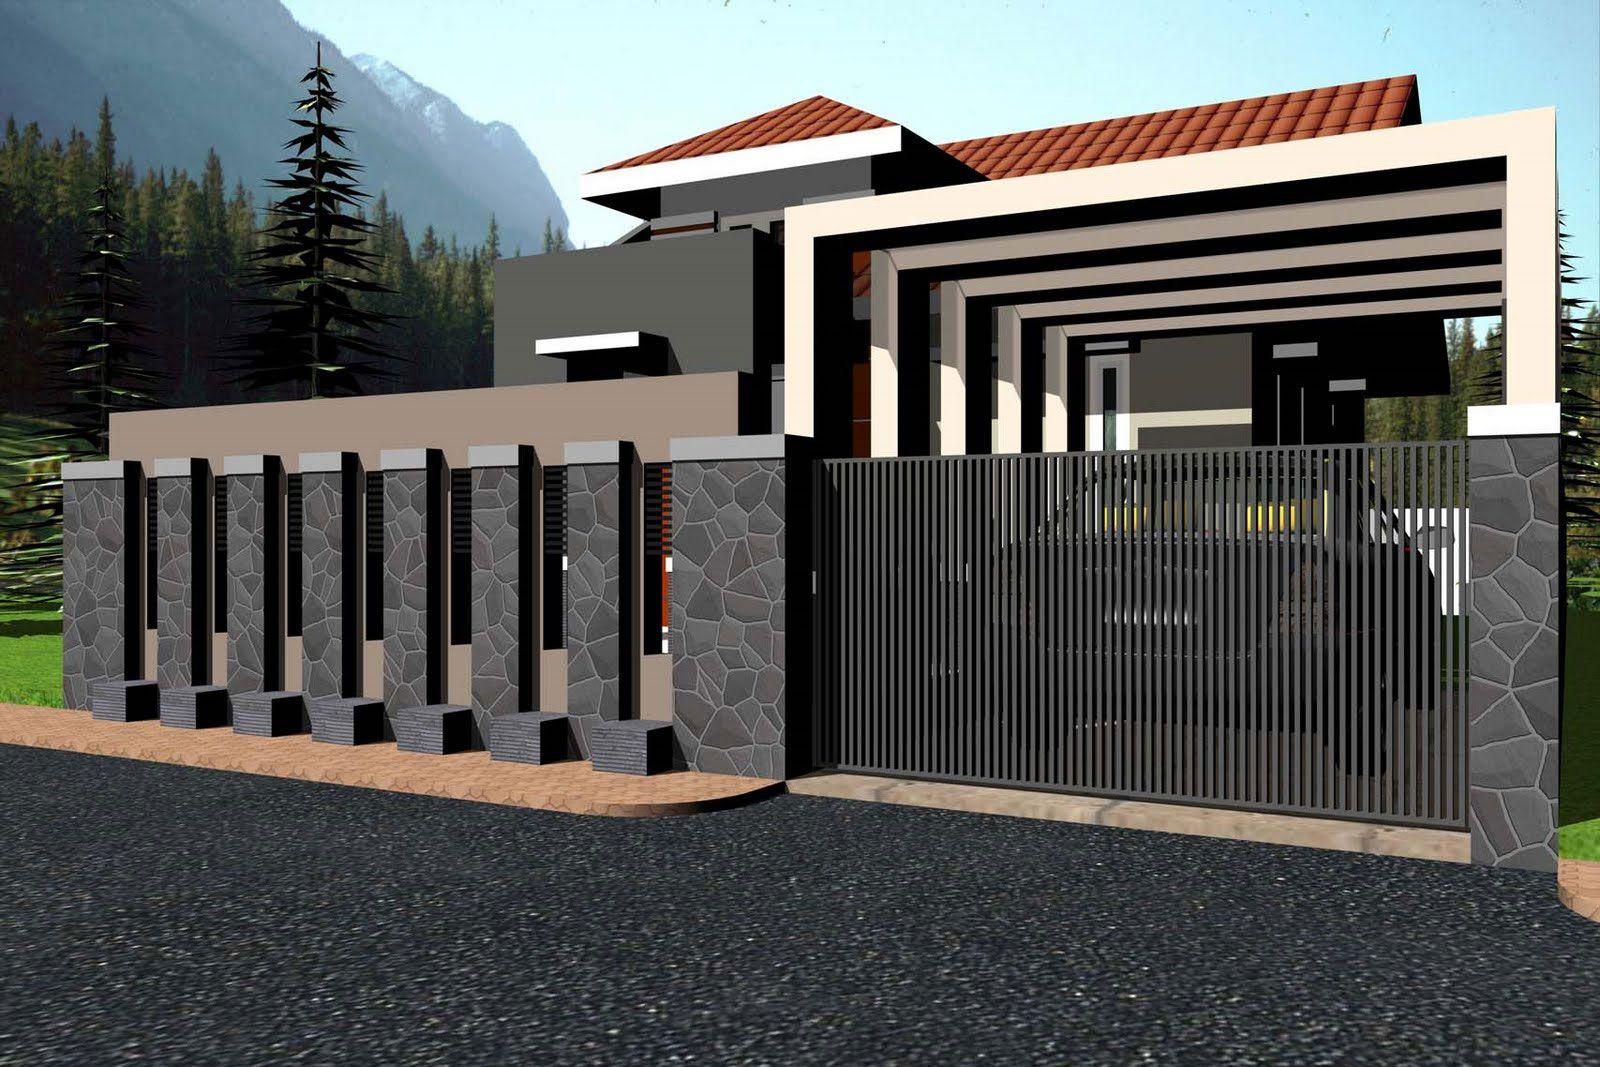 Desain Pagar Rumah Minimalis Fasade Fence Pinterest Gates